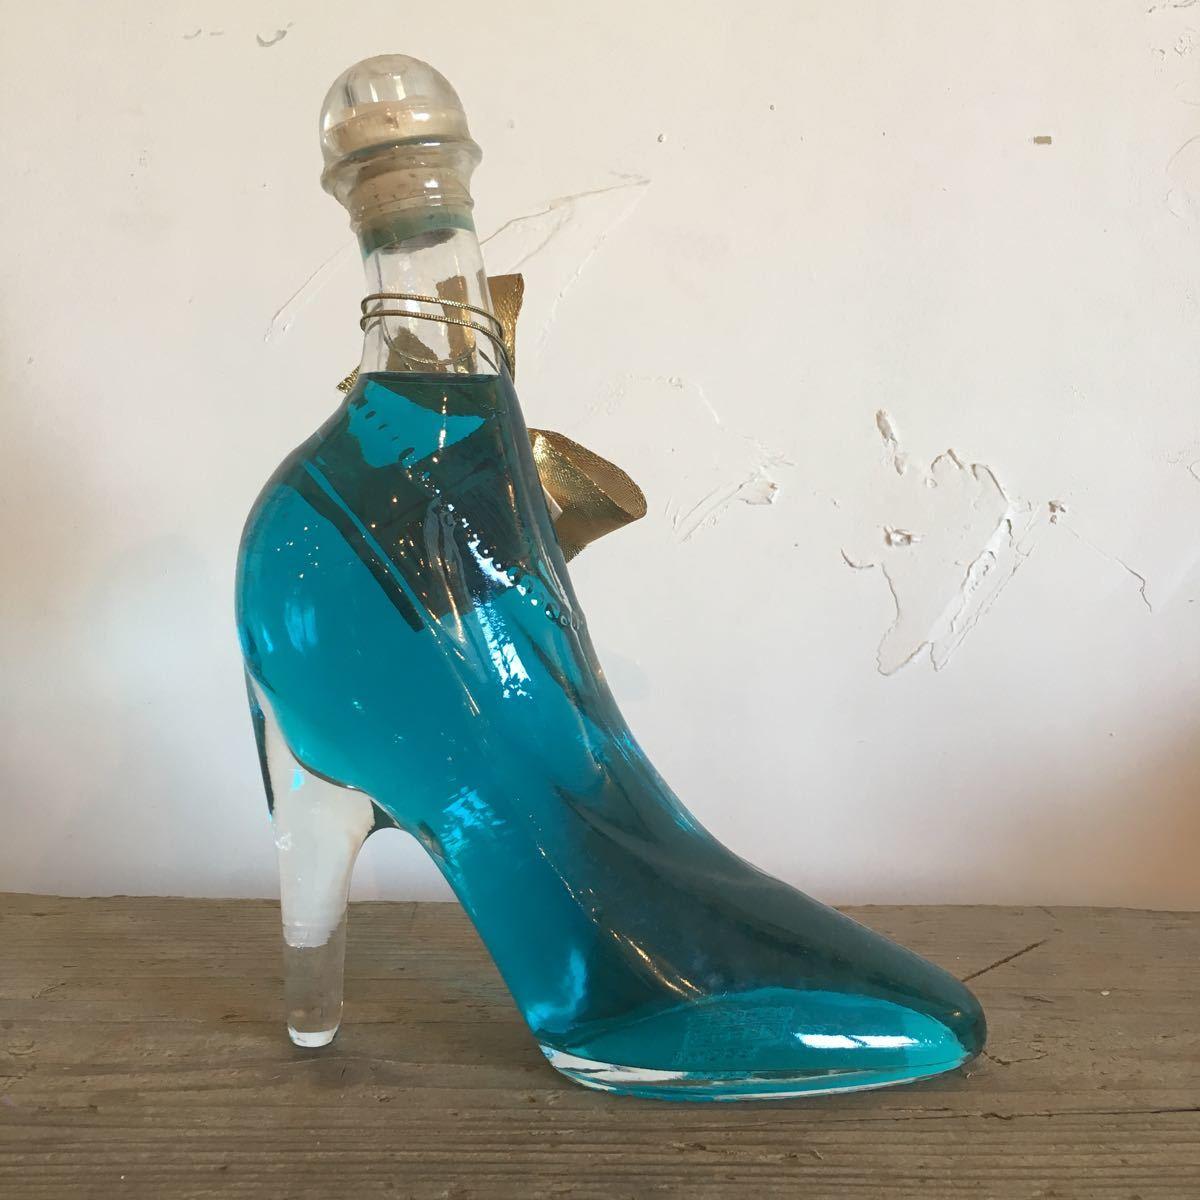 未開封 ブルーキュラソー リキュール 350ml PAPAGENA パパゲーナ オーストリア ガラス製 ピンヒール型 911w 古酒 オブジェ ハイヒール_画像2